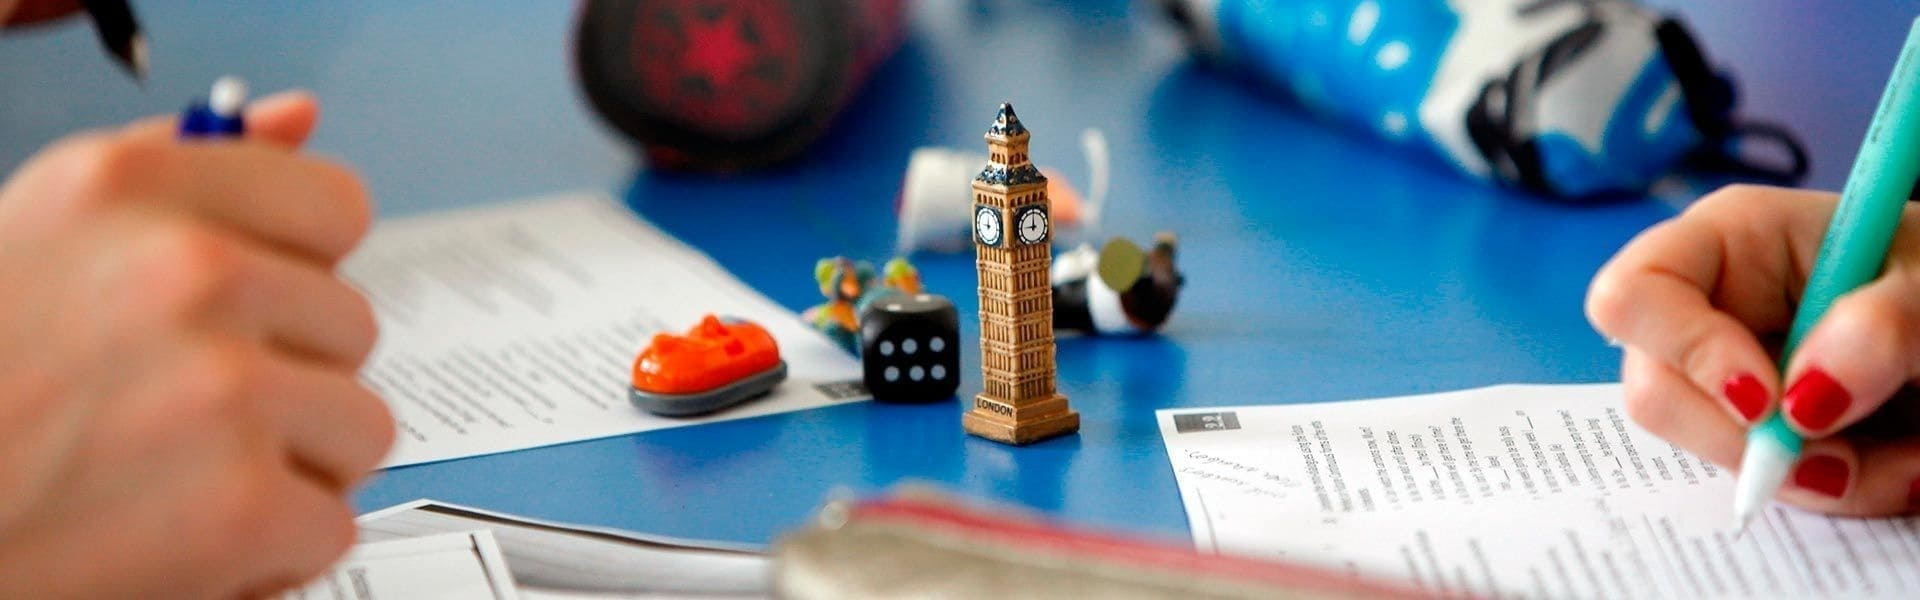 Cursos de inglés para la preparación de los exámenes oficiales Cambridge en Inglaterra, Irlanda y Malta